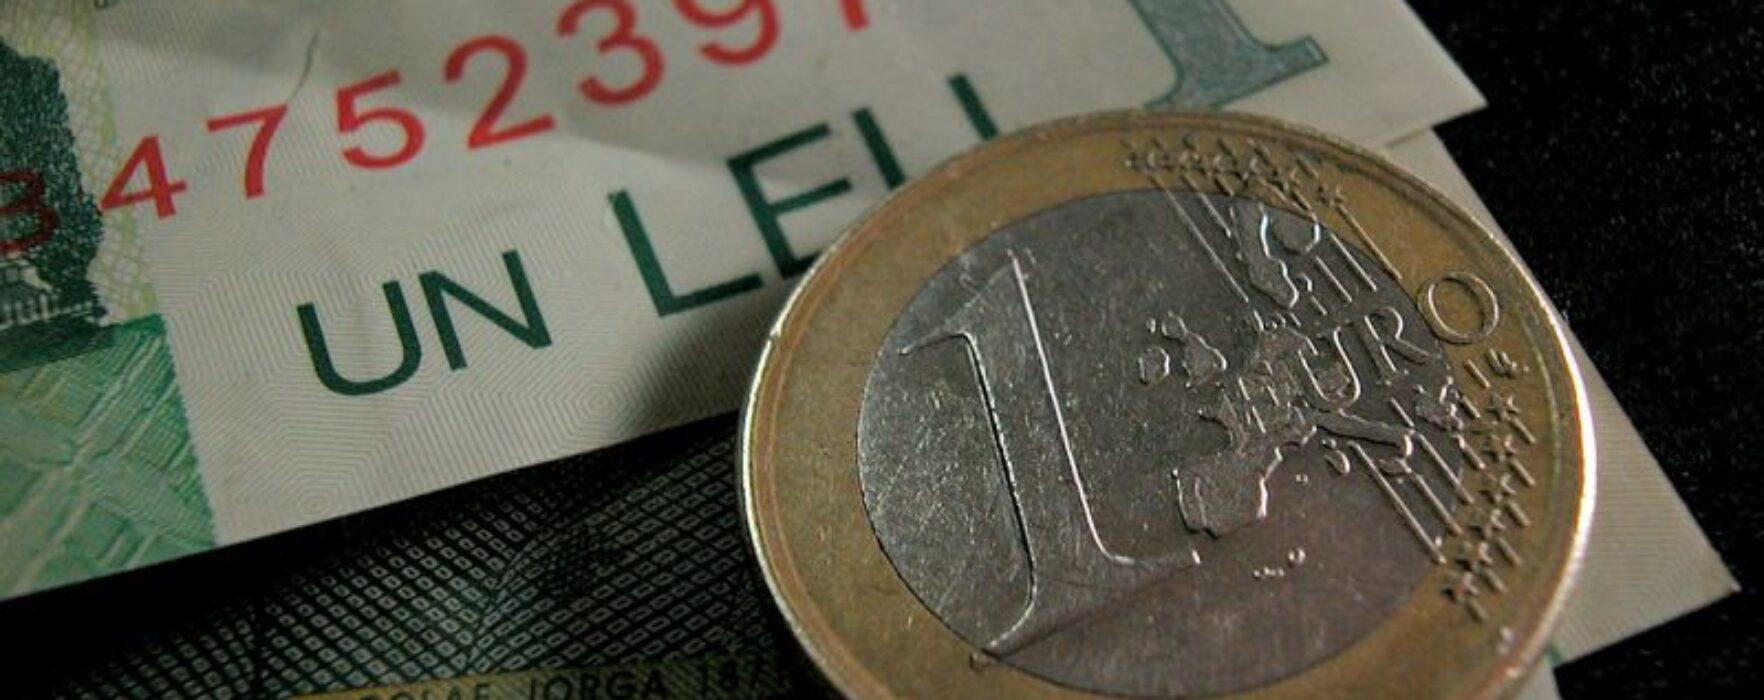 Moneda națională s-a depreciat, luni, față de euro, până la 4,49 lei/euro